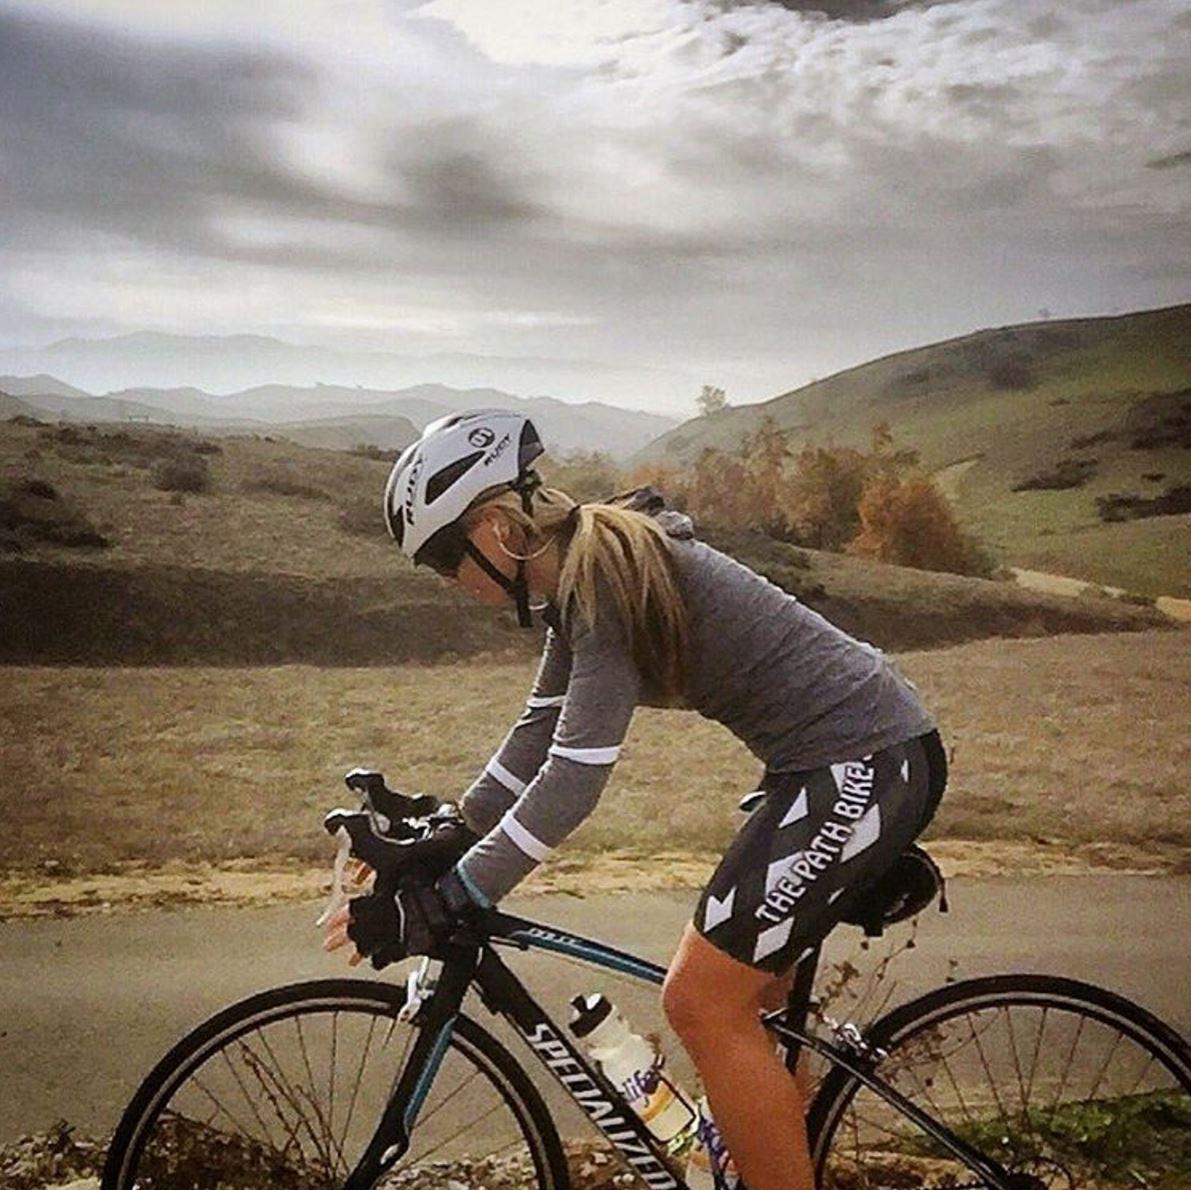 brenna_where_theres_a_wheel.JPG